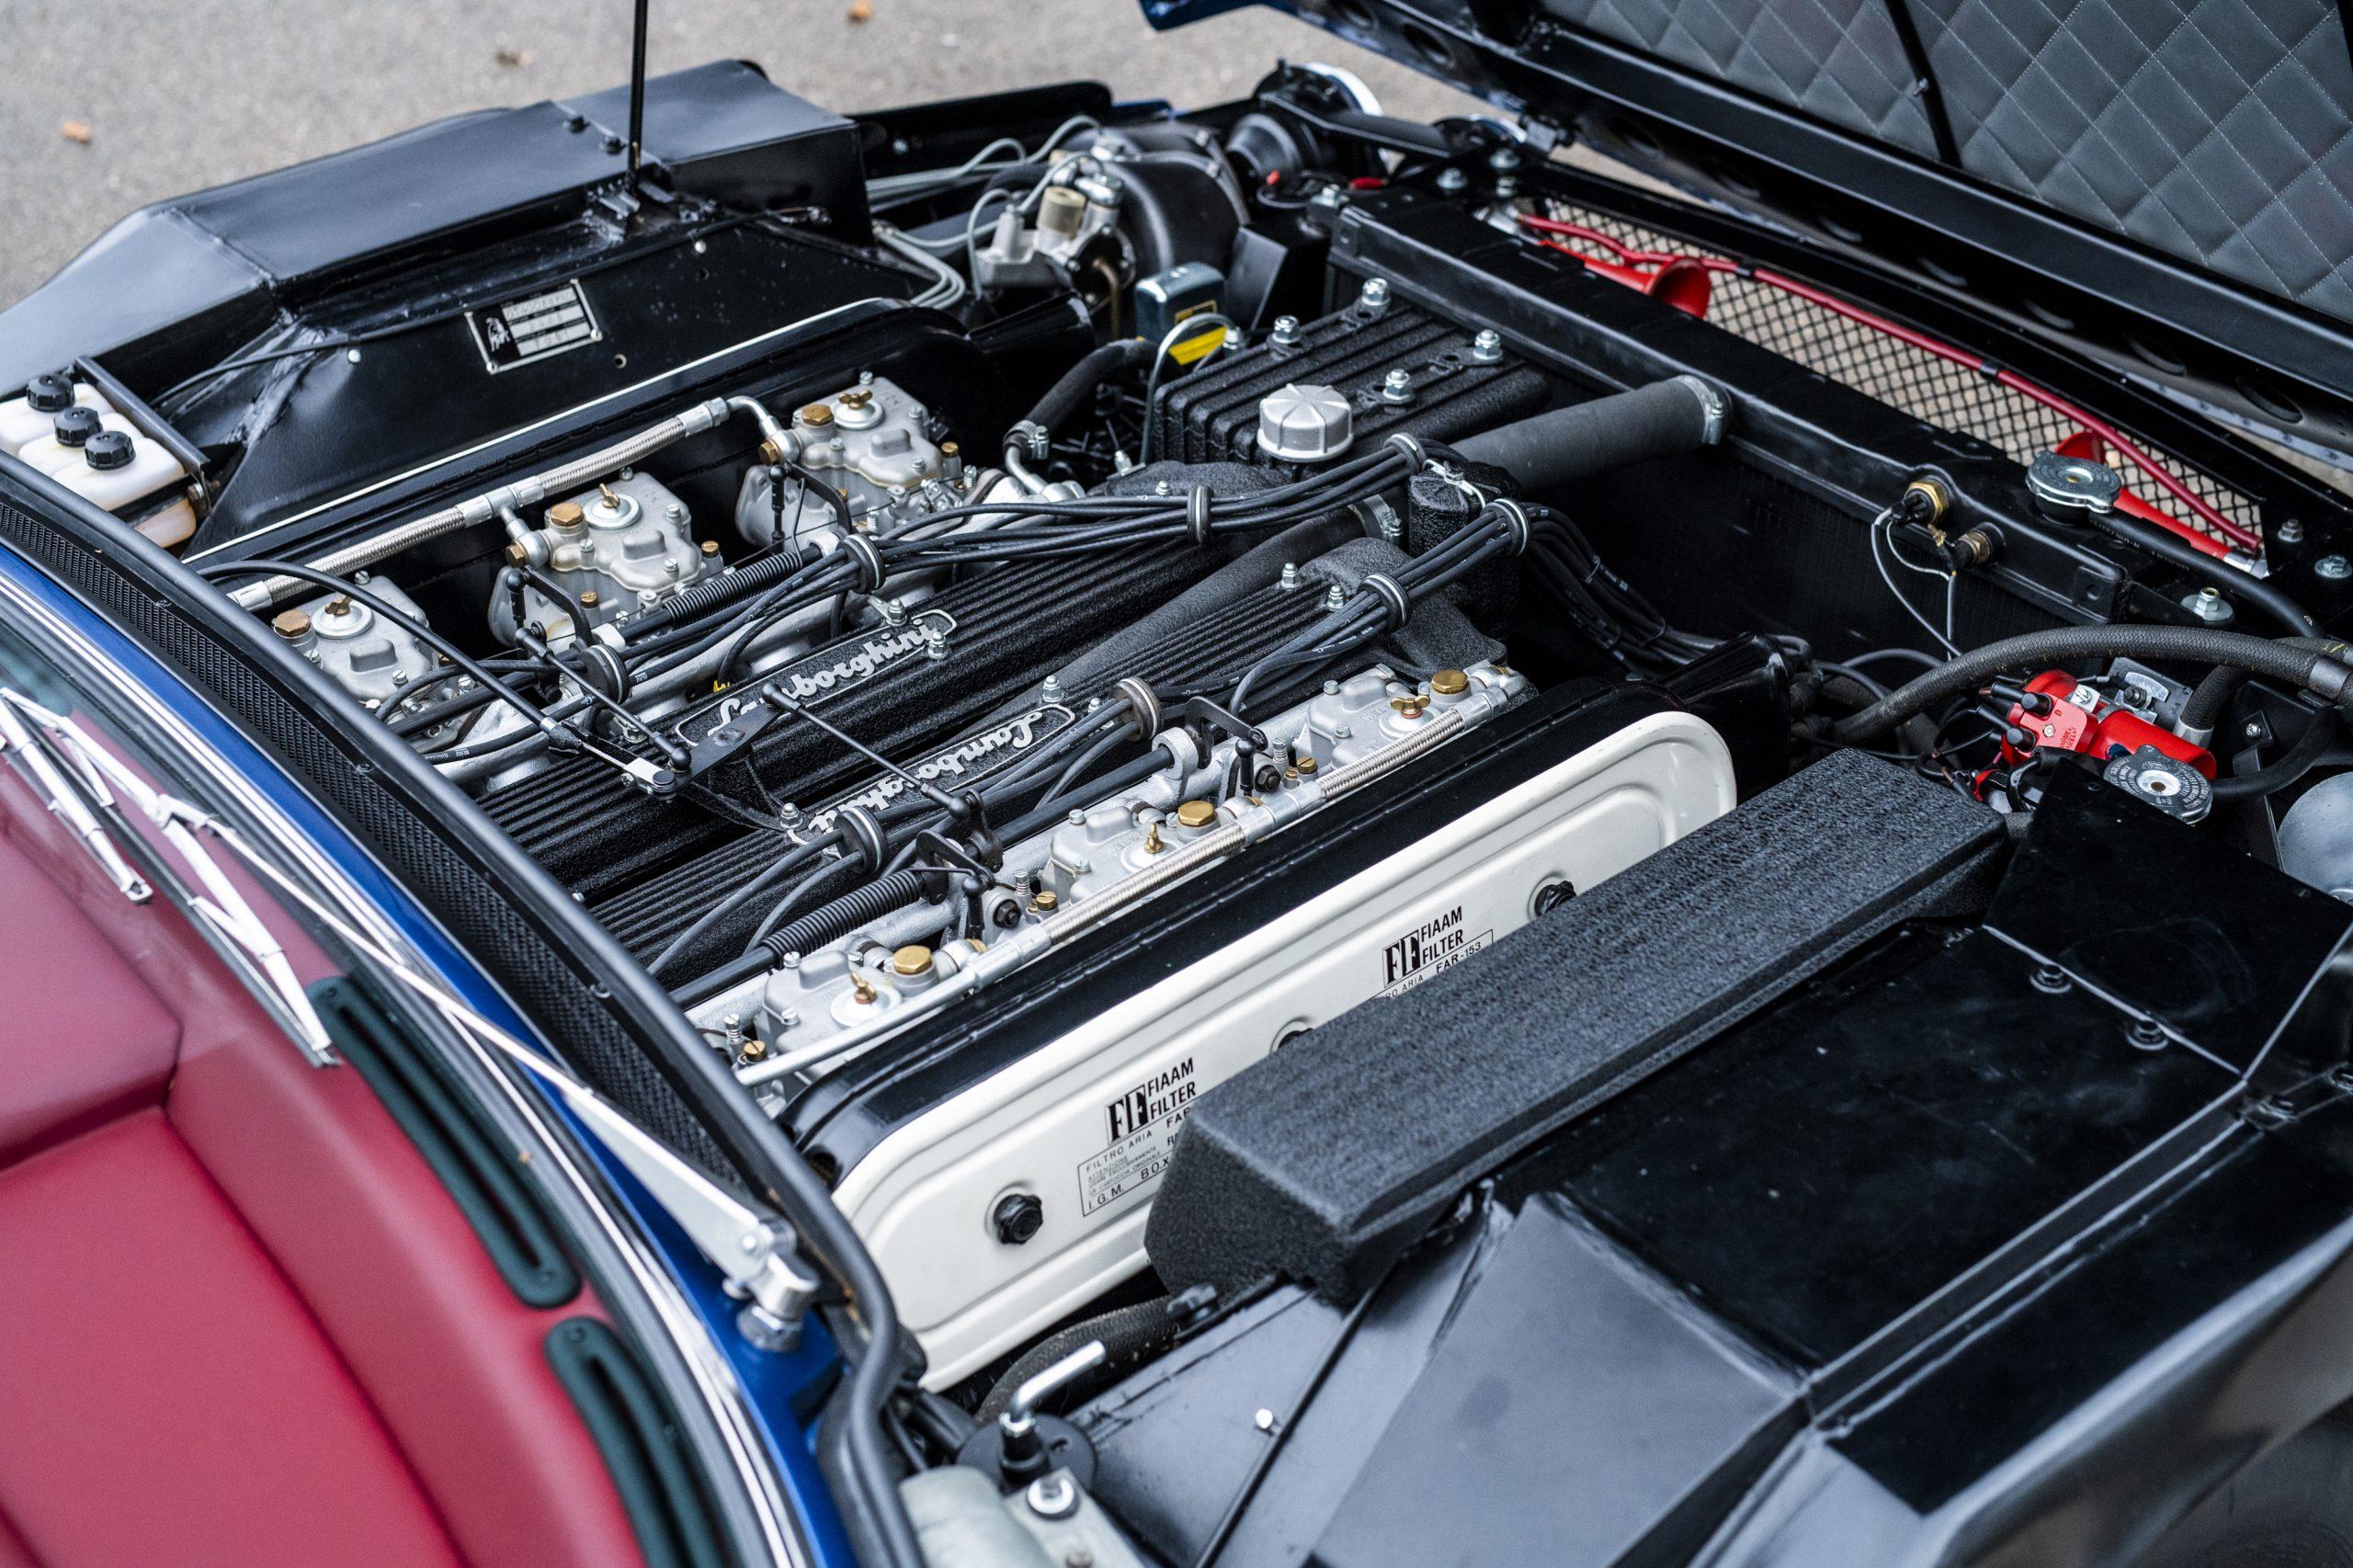 1968 Lamborghini Espada Series I by Bertone engine